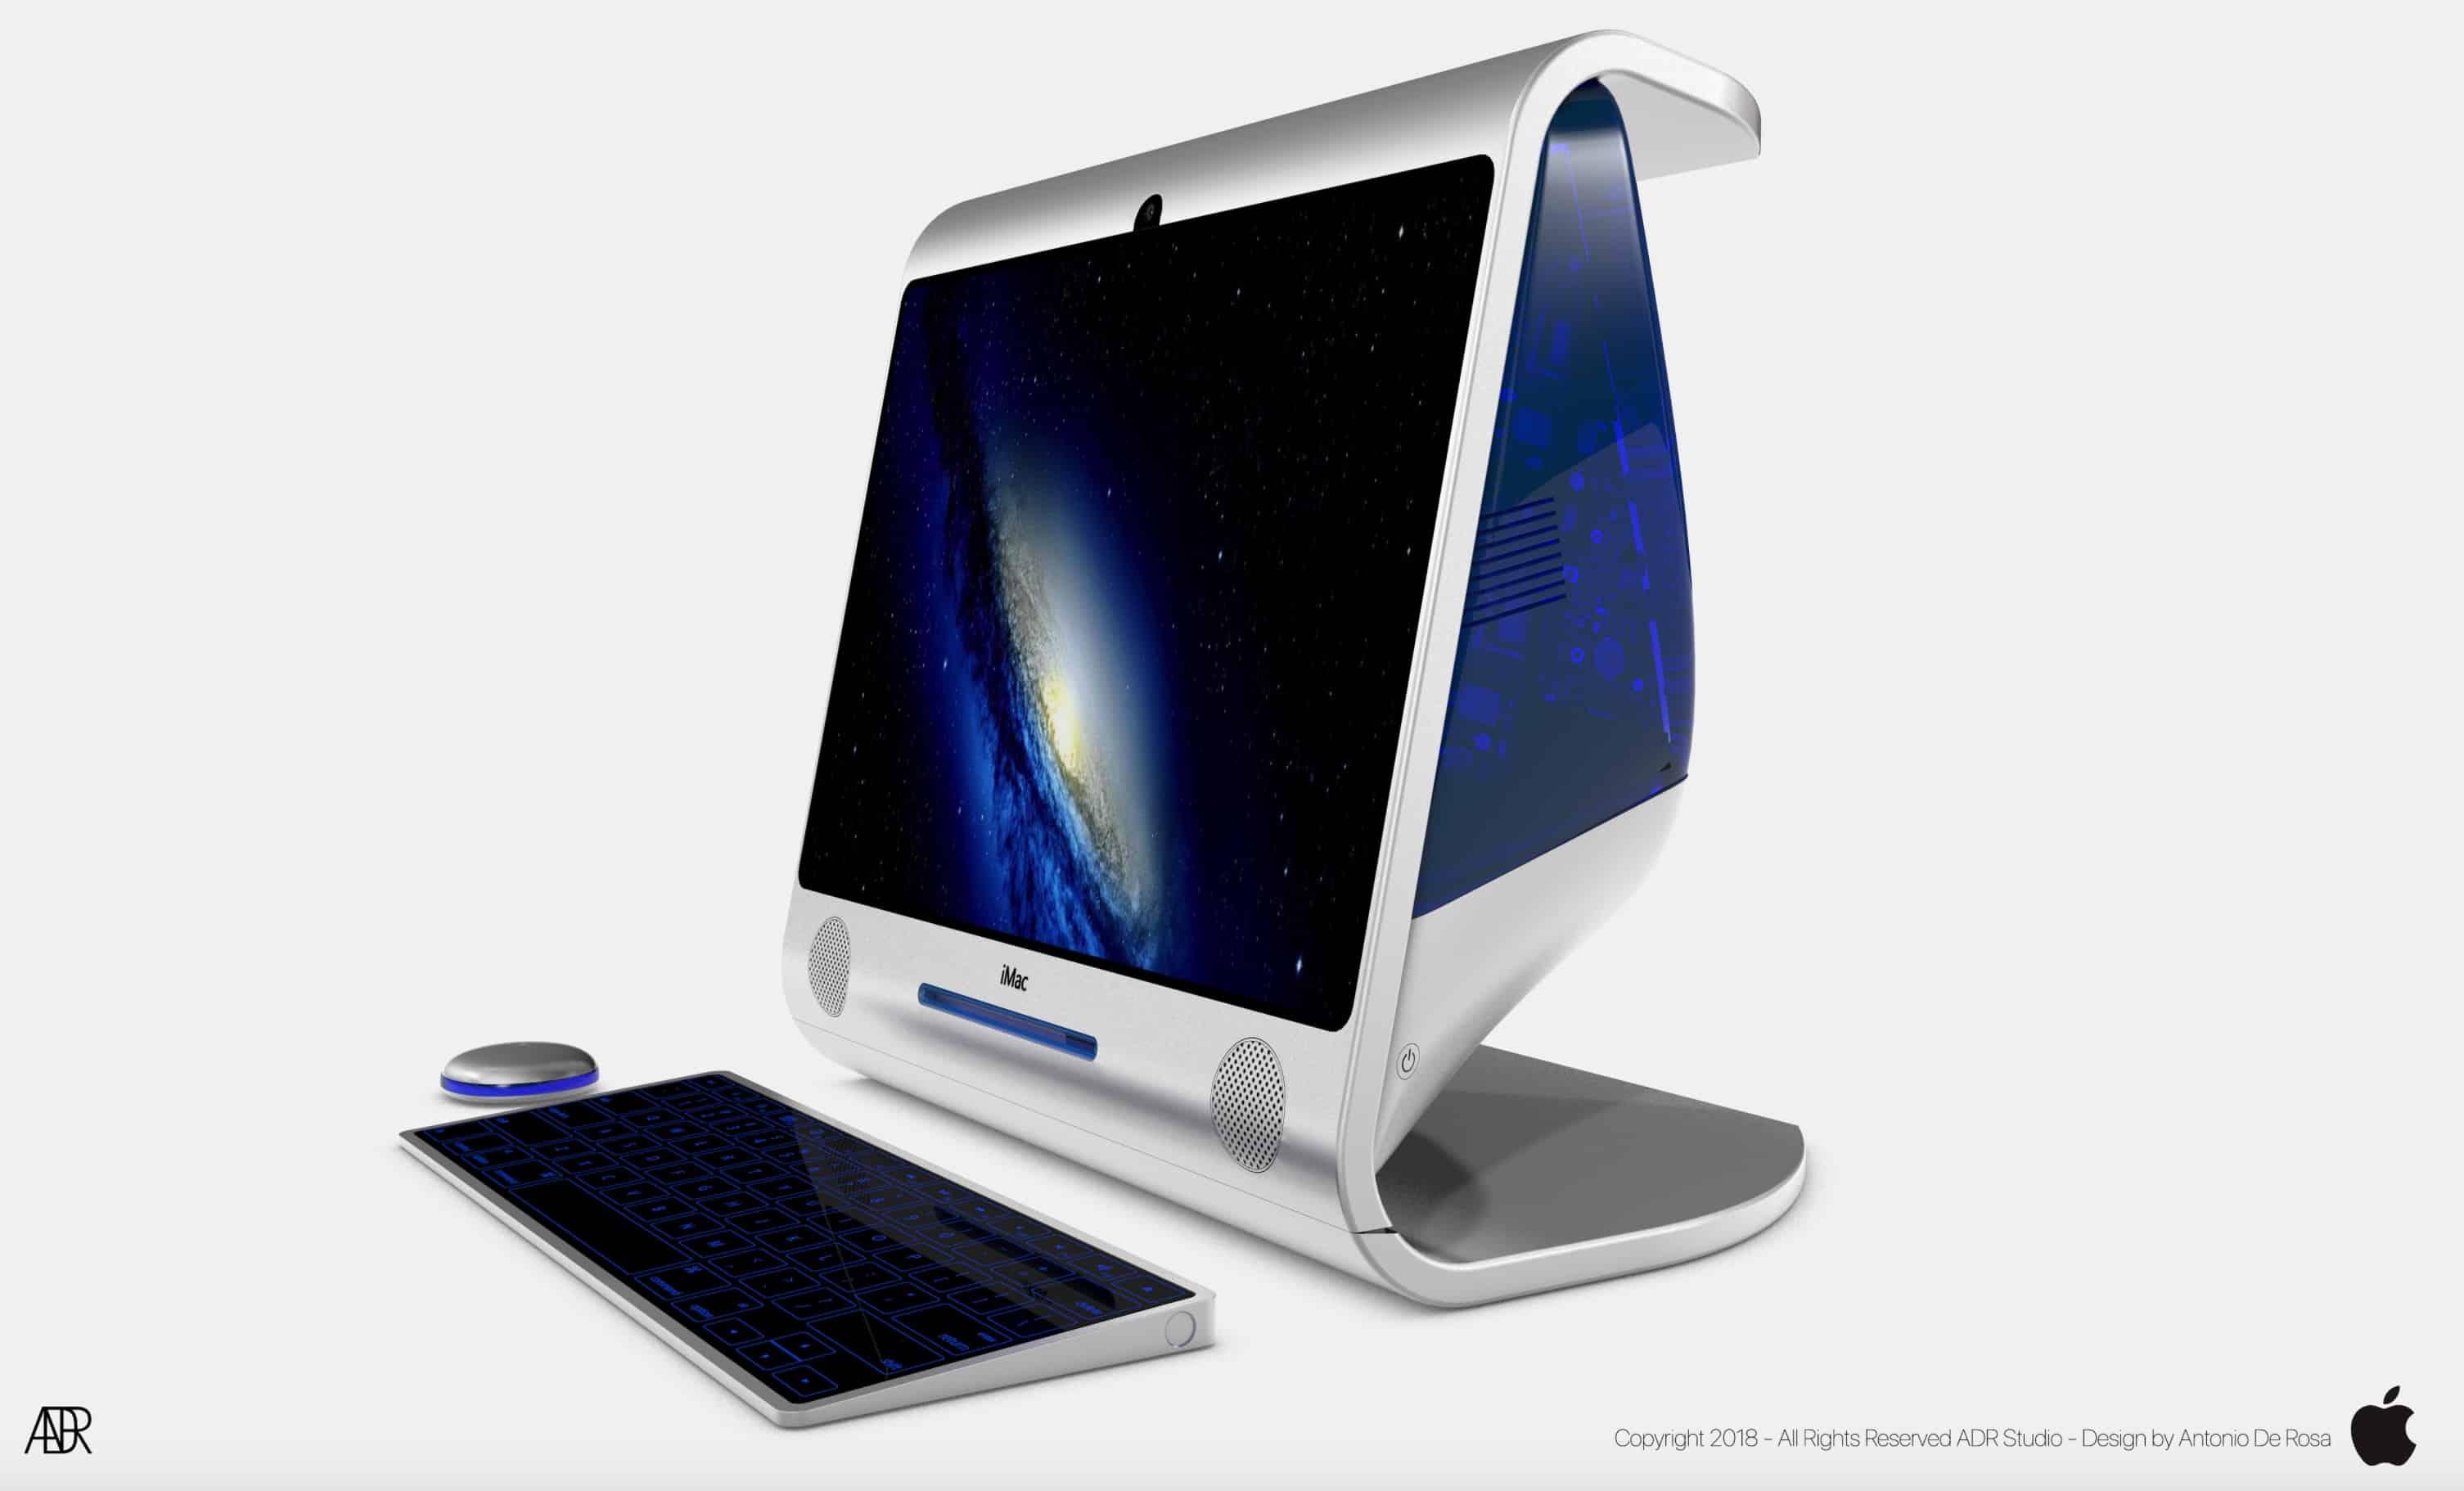 iMac G3 2018 2